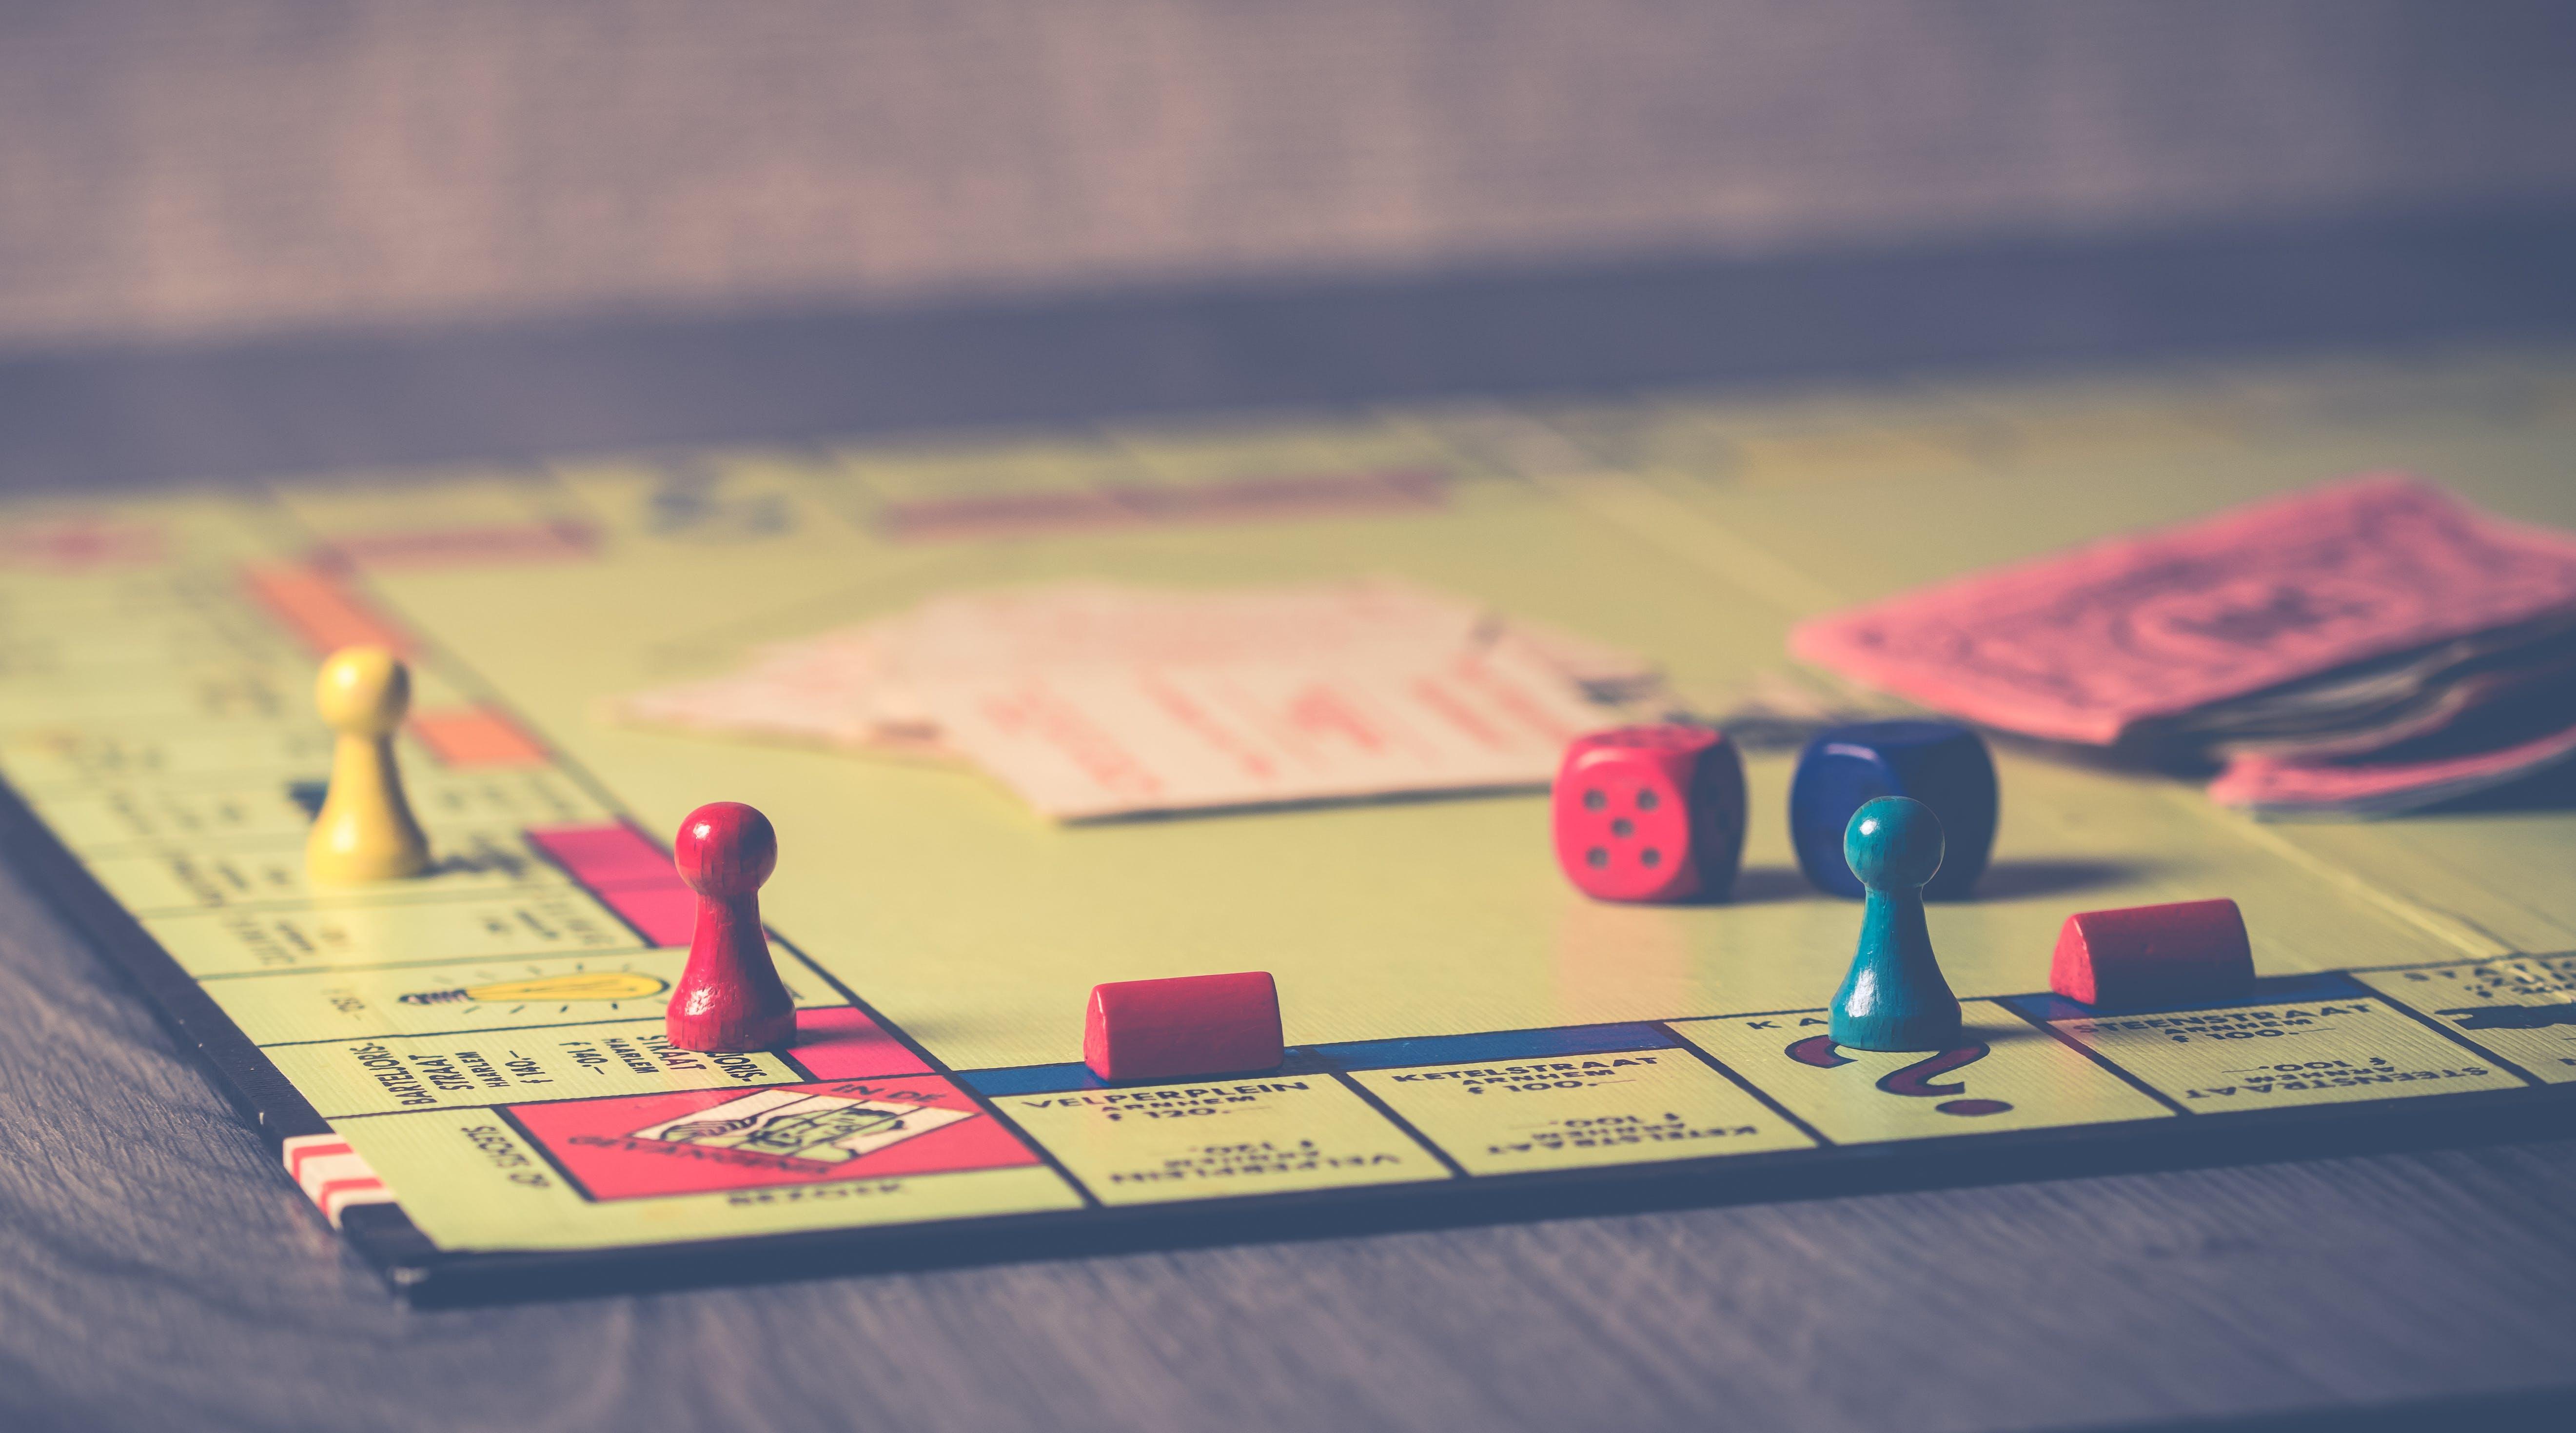 Kostnadsfri bild av Brädspel, färger, inomhus, konceptuell